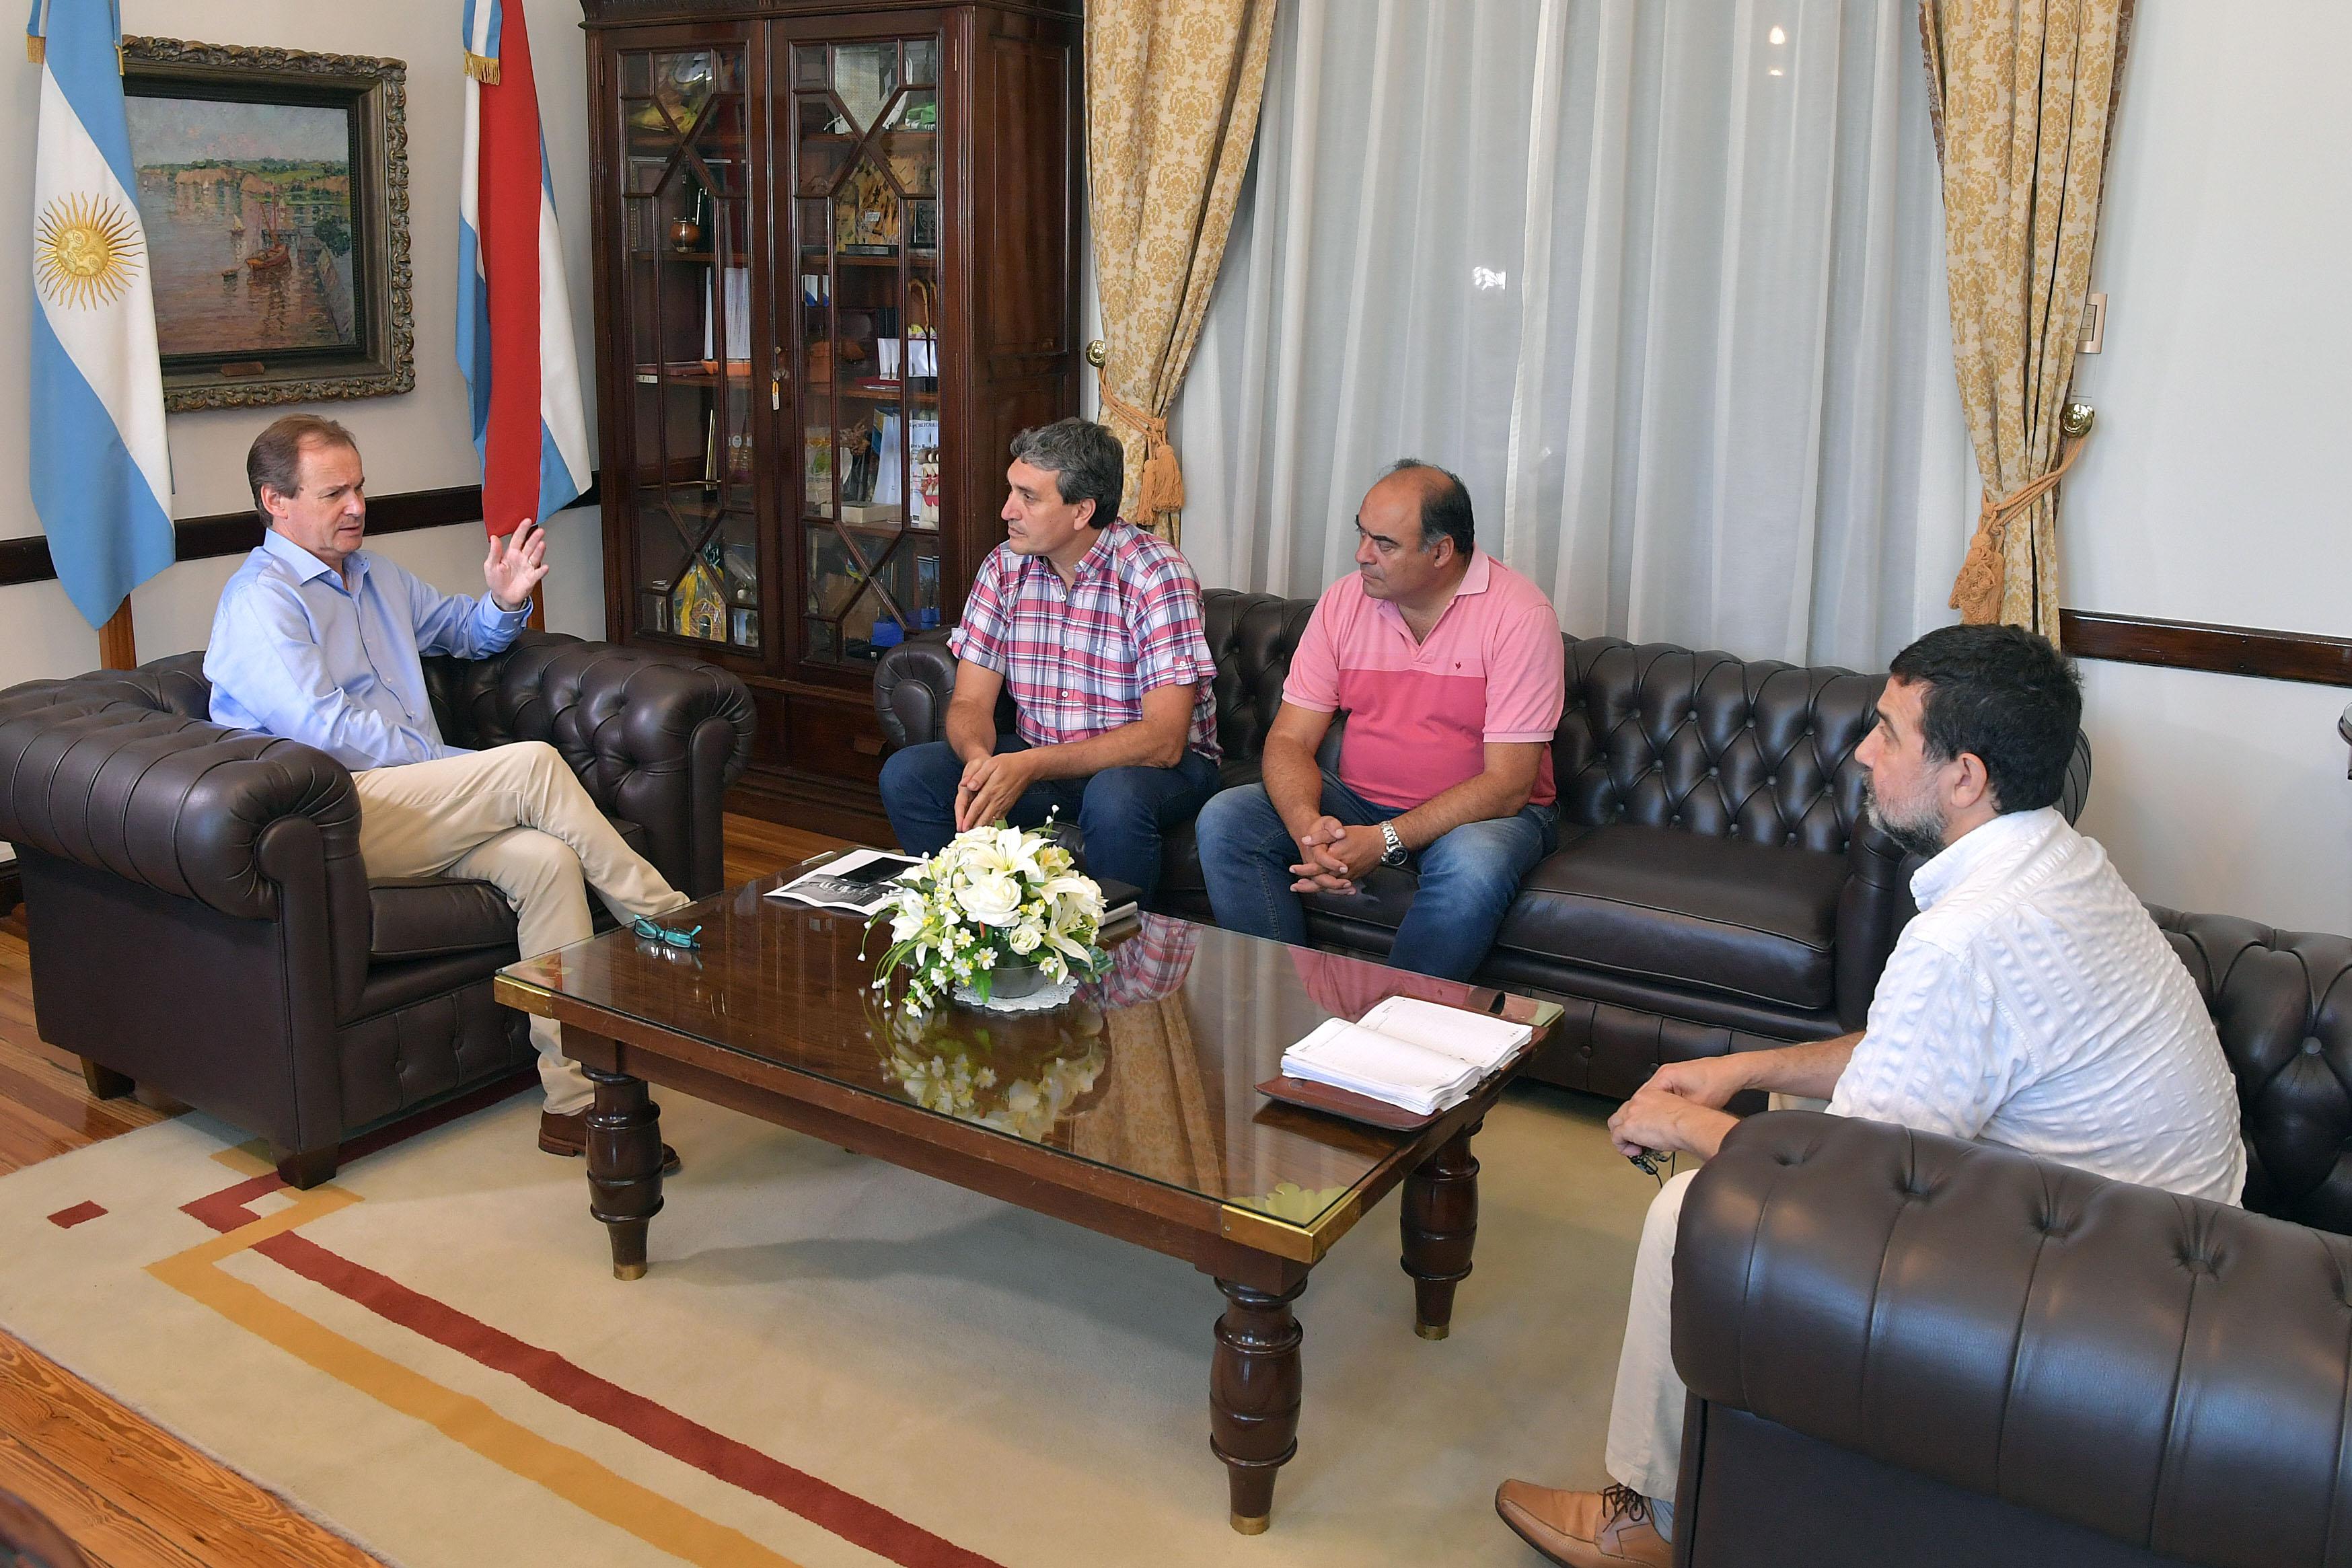 Con recursos propios, la provincia concluye obras de infraestructura educativa y sanitaria en Basavilbaso